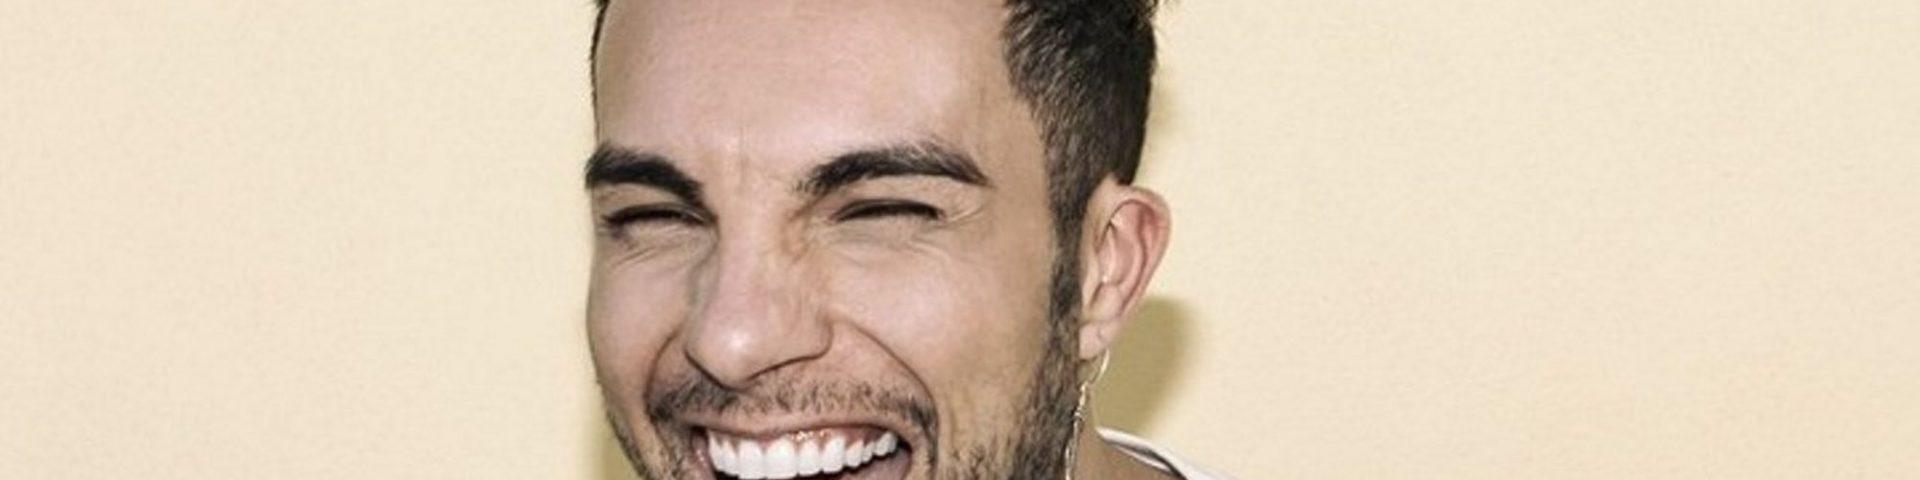 """Marco Carta """"rivela i nomi dei cantanti gay ancora non dichiarati""""? La smentita"""